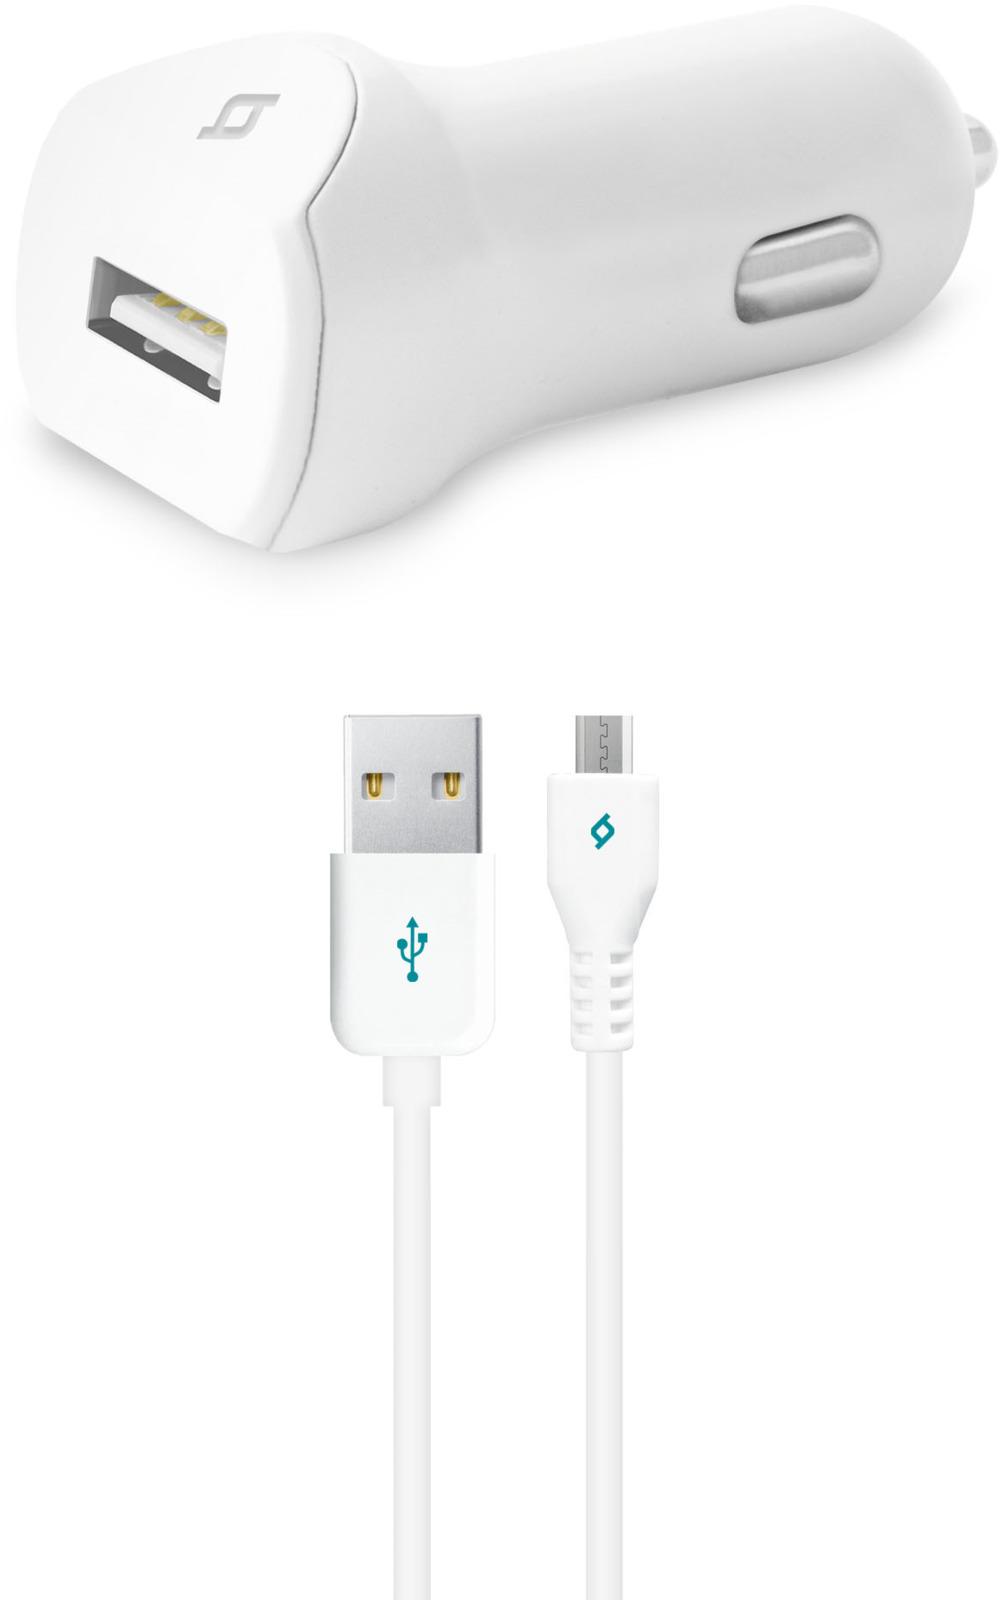 Автомобильное зарядное устройство TTEC SpeedCharger USB-micro USB, 2.1A, цвет: белый дмитрий быков ремизов а крестовые сёстры в исполнении дмитрия быкова лекция быкова д